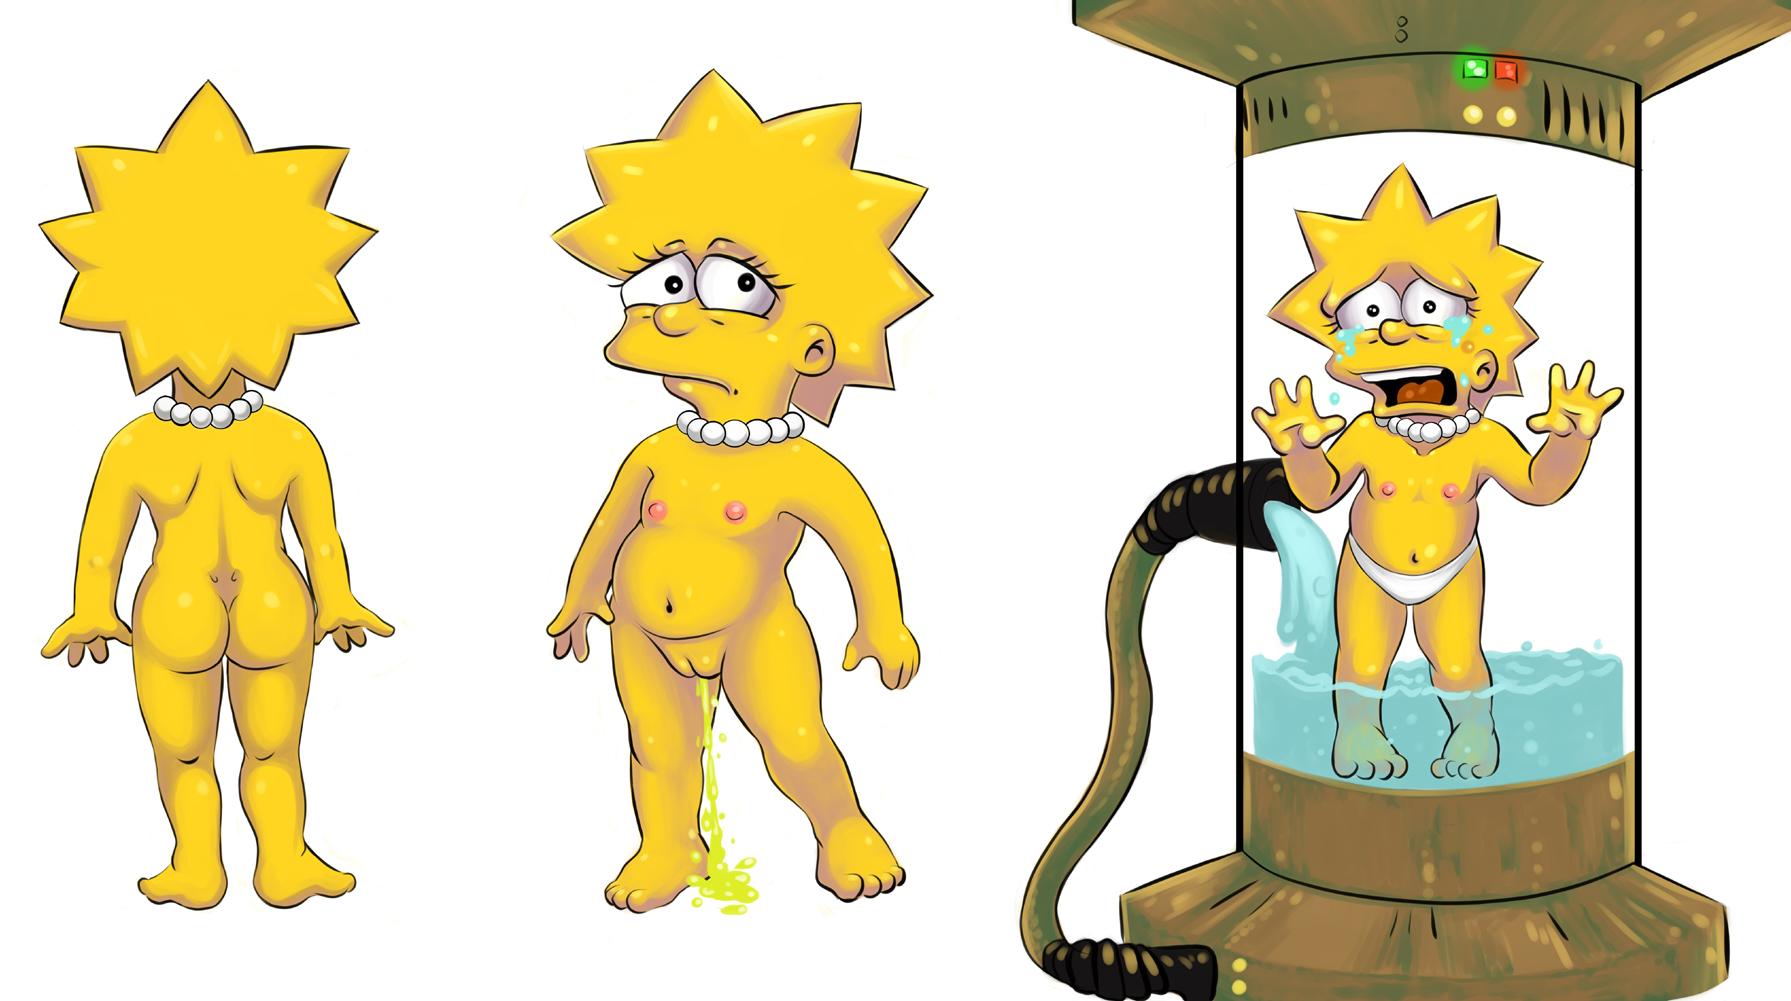 Симпсоны лиза развратница 14 фотография